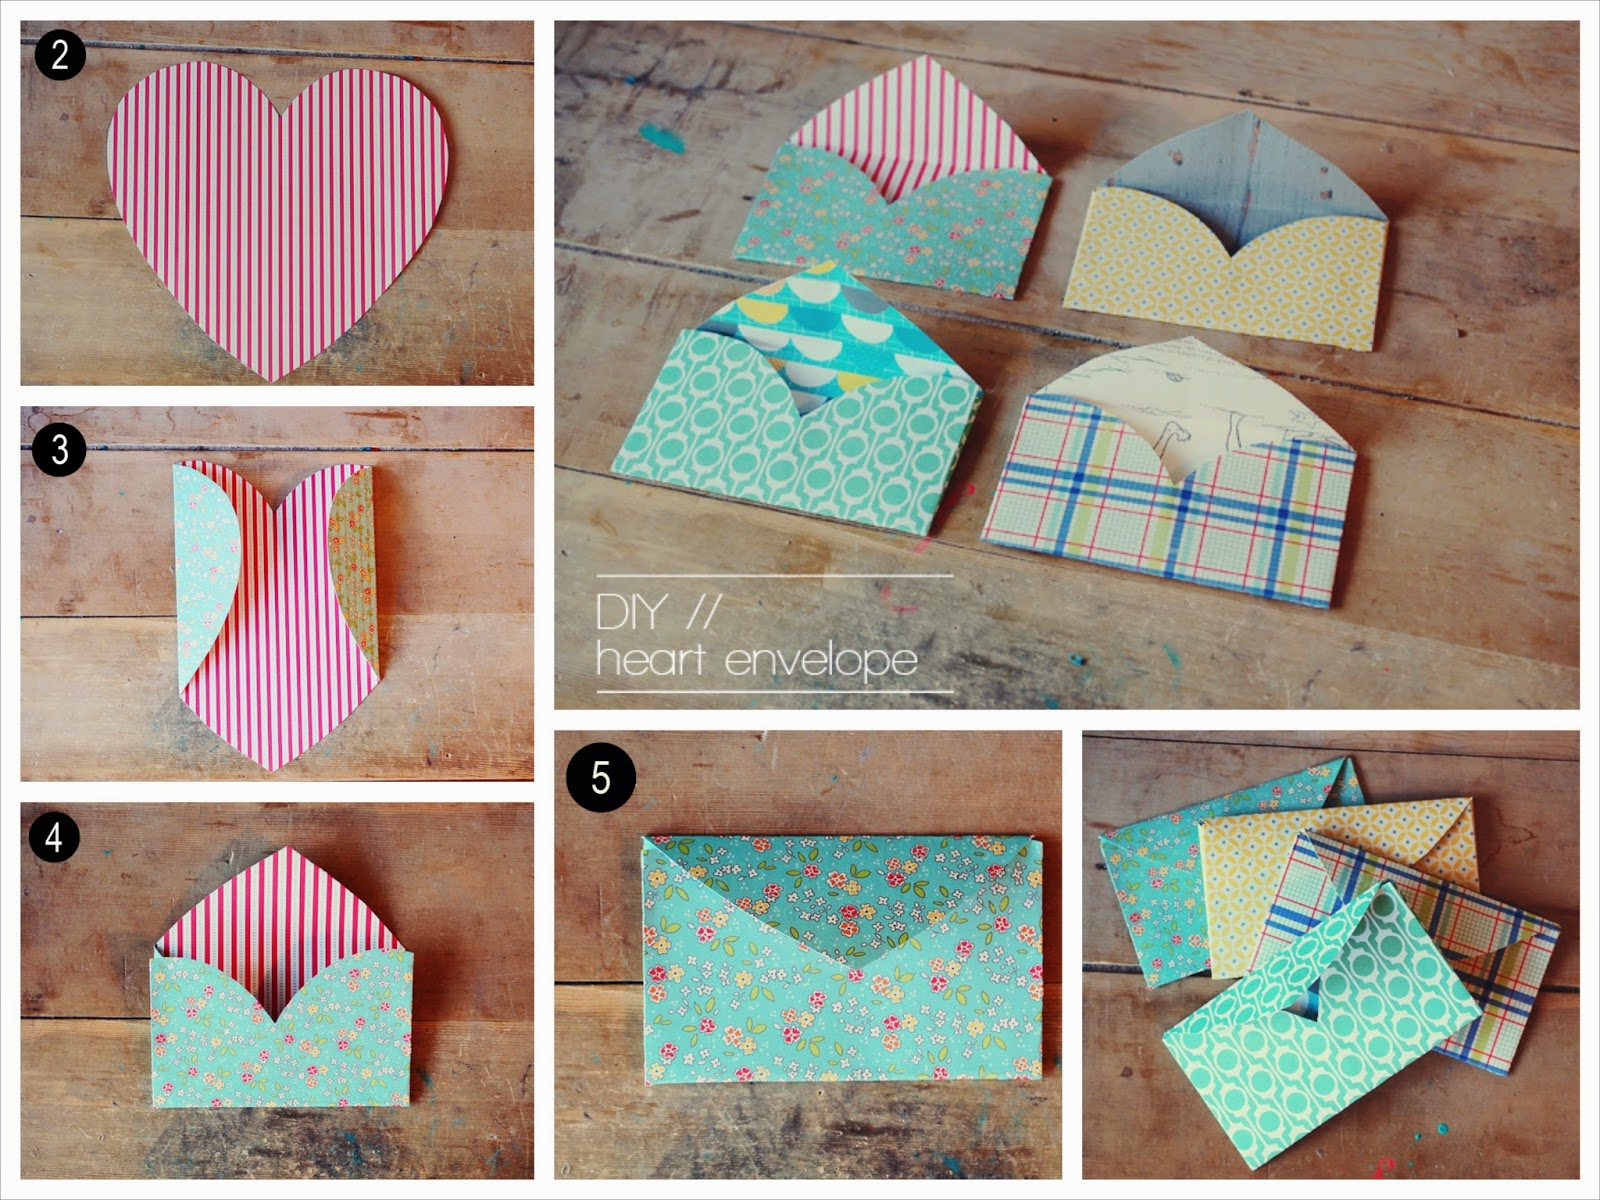 Blog de tu d a con amor invitaciones y detalles de boda - Cosas hechas a mano para vender ...